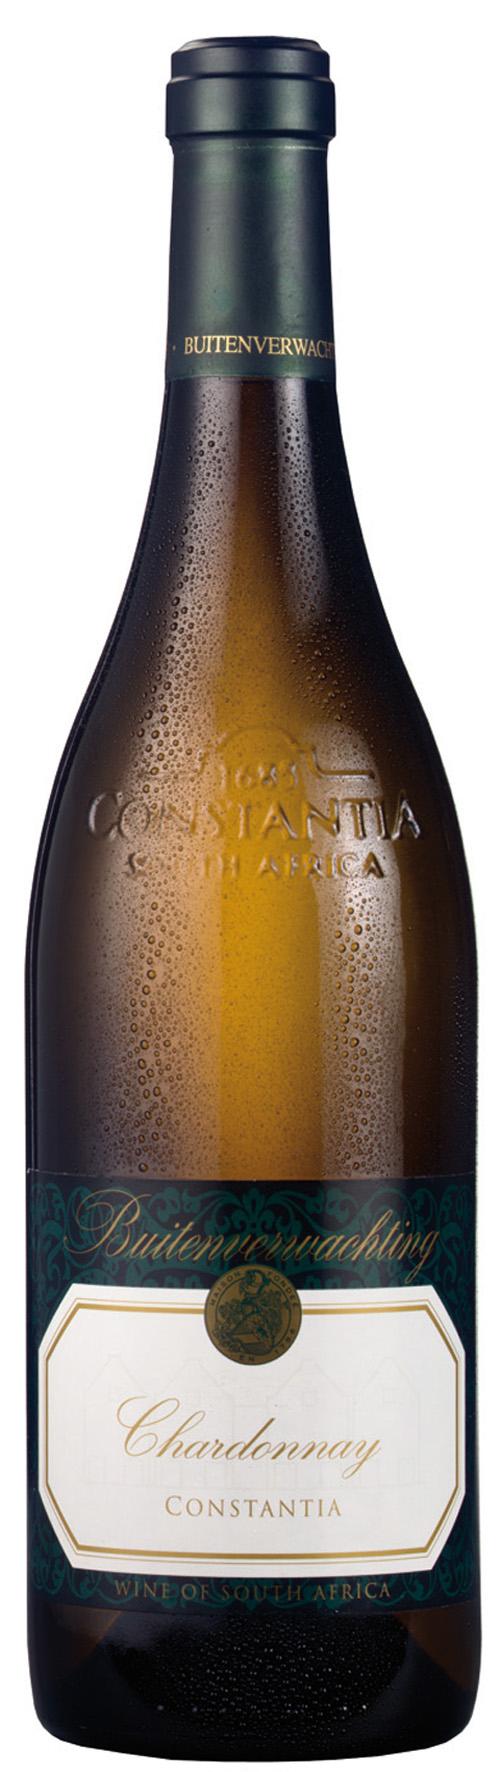 Buitenverwachting Chardonnay Constantia 2019